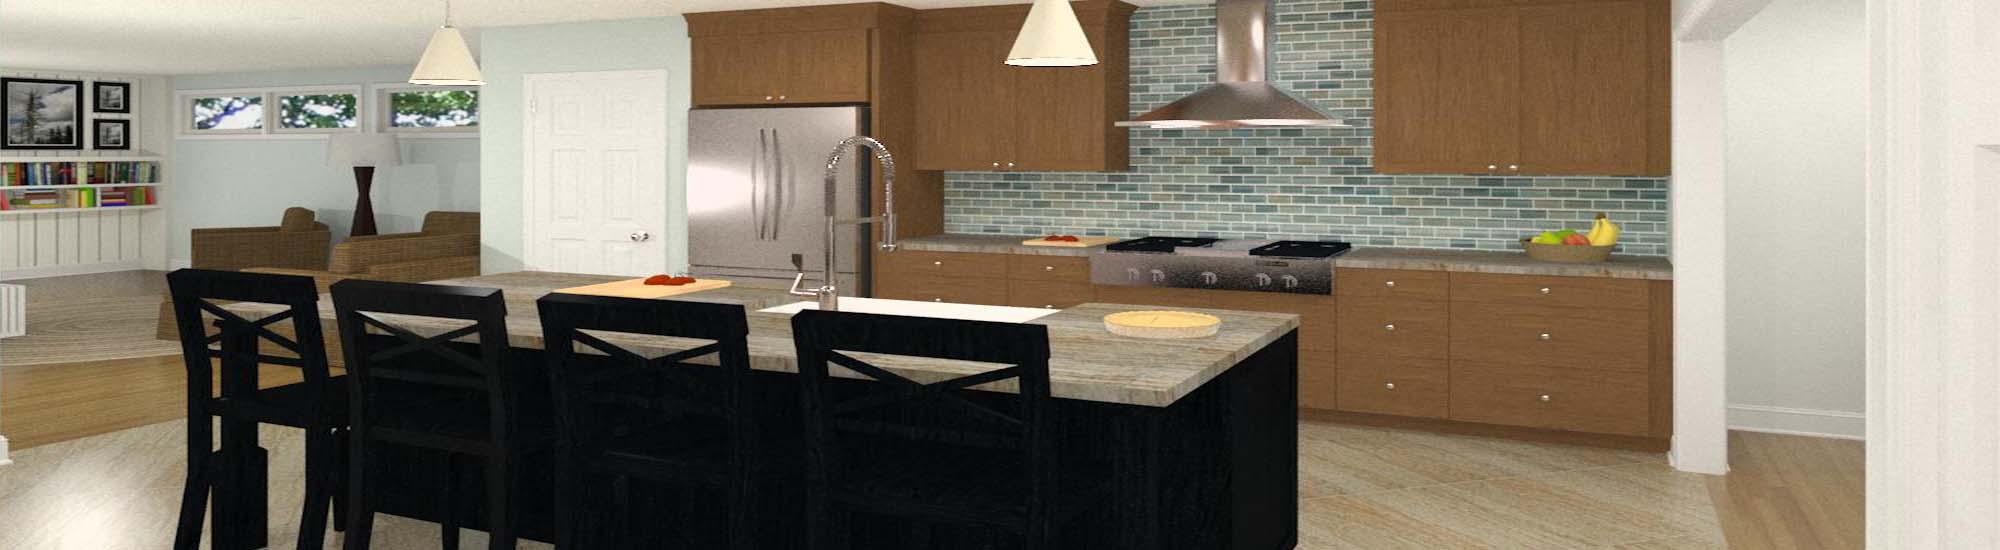 kitchen-cad-4-design-build-pros